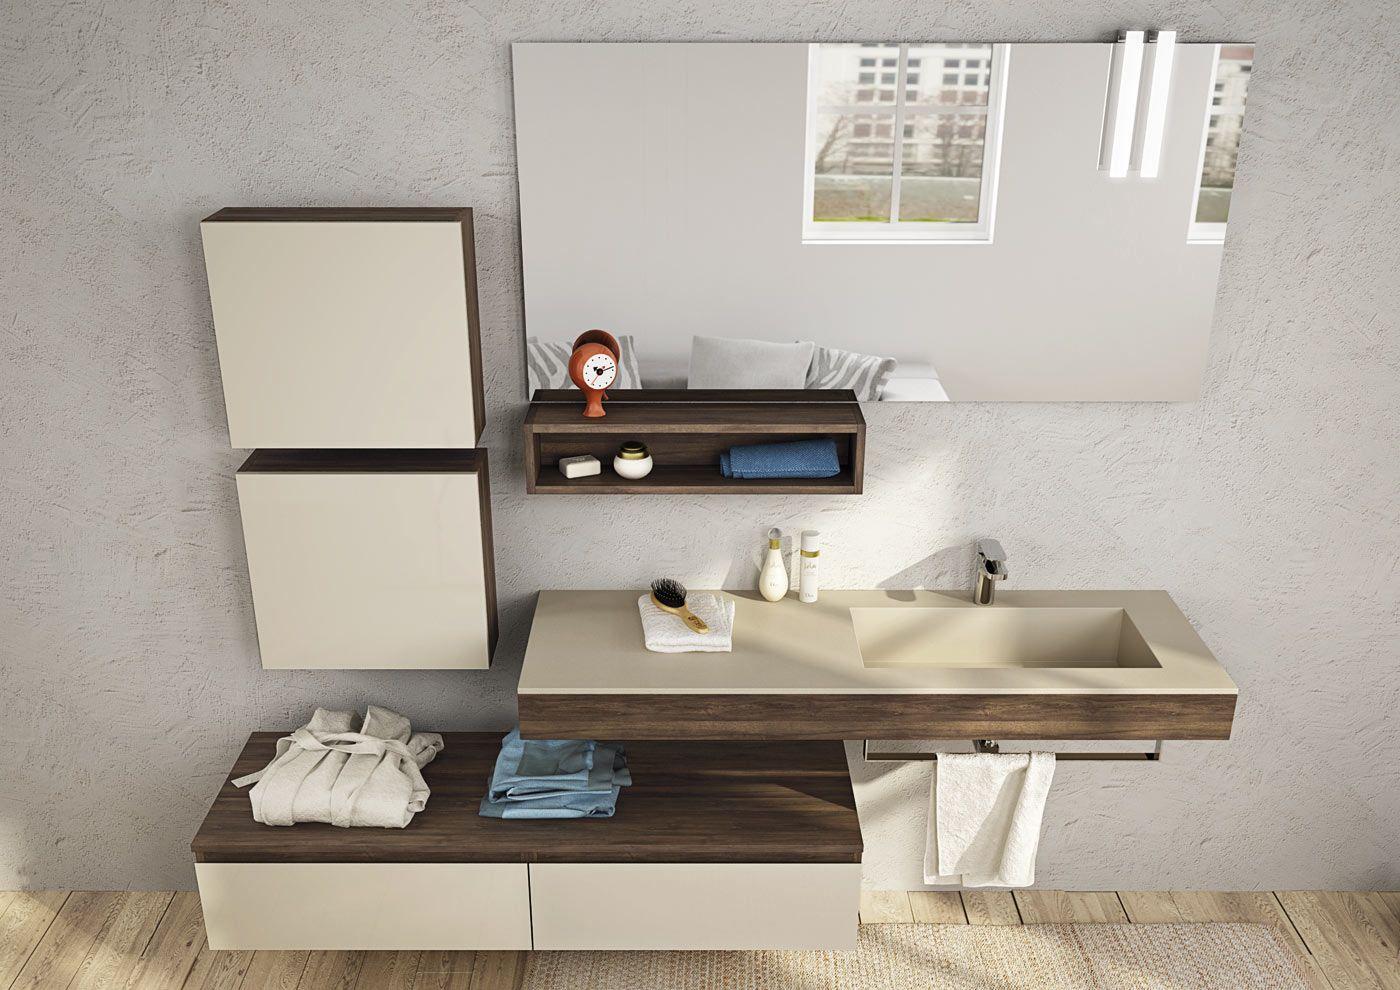 Mobile lavabo componibile sospeso freedom 18 by legnobagno - Legnobagno prezzi ...